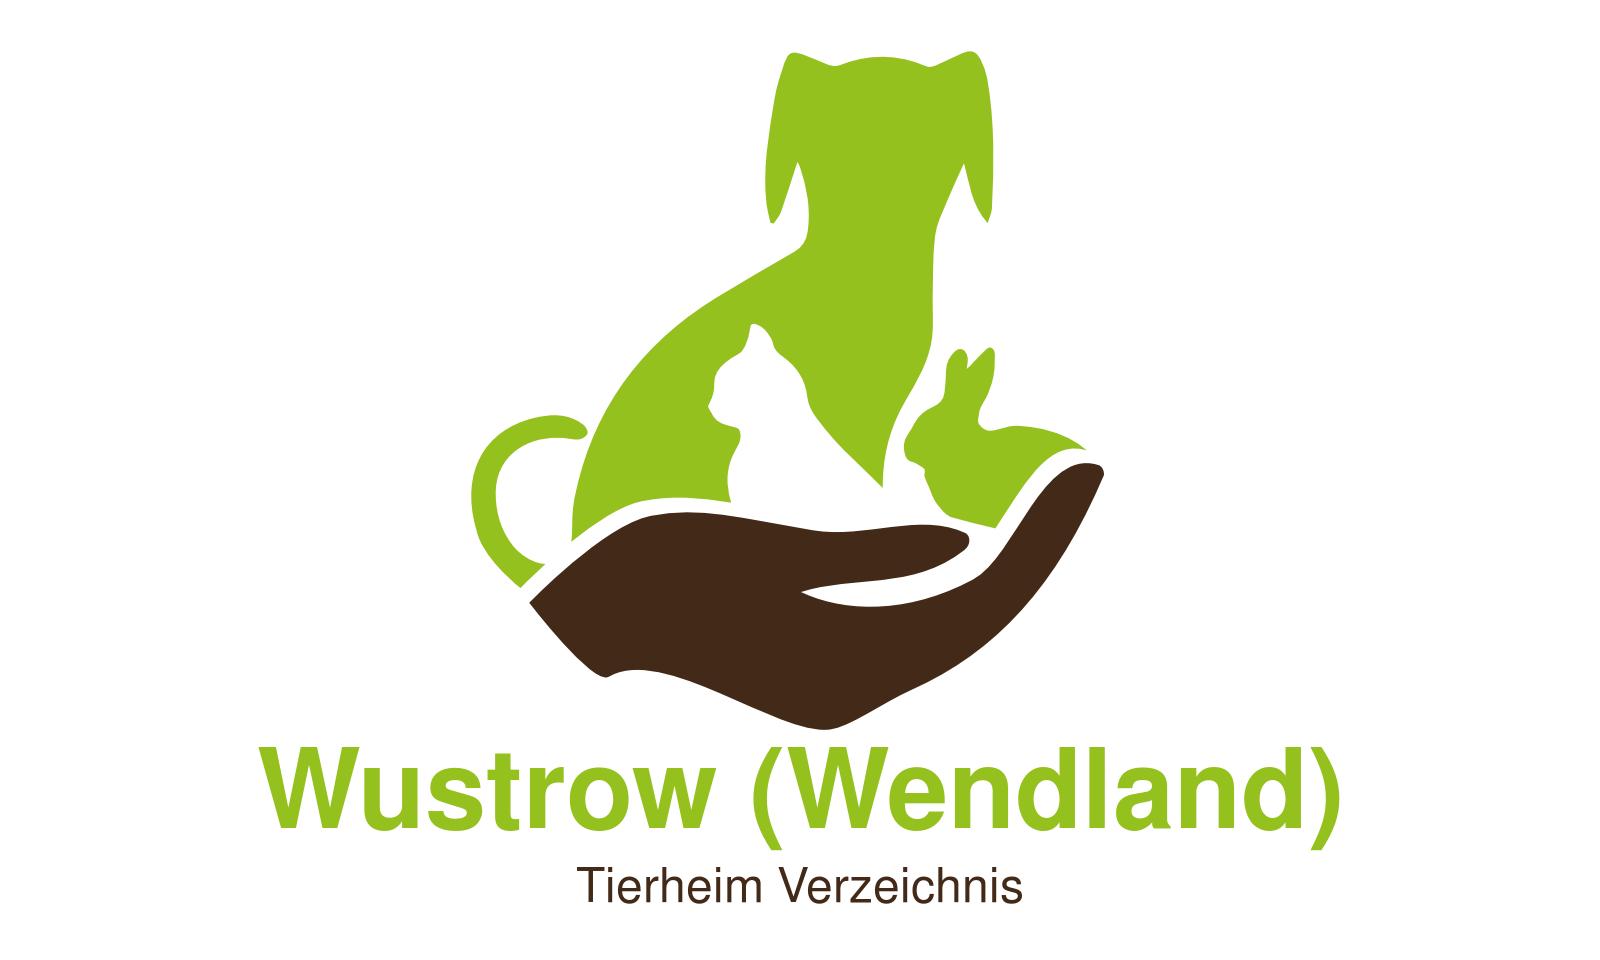 Tierheim Wustrow (Wendland)